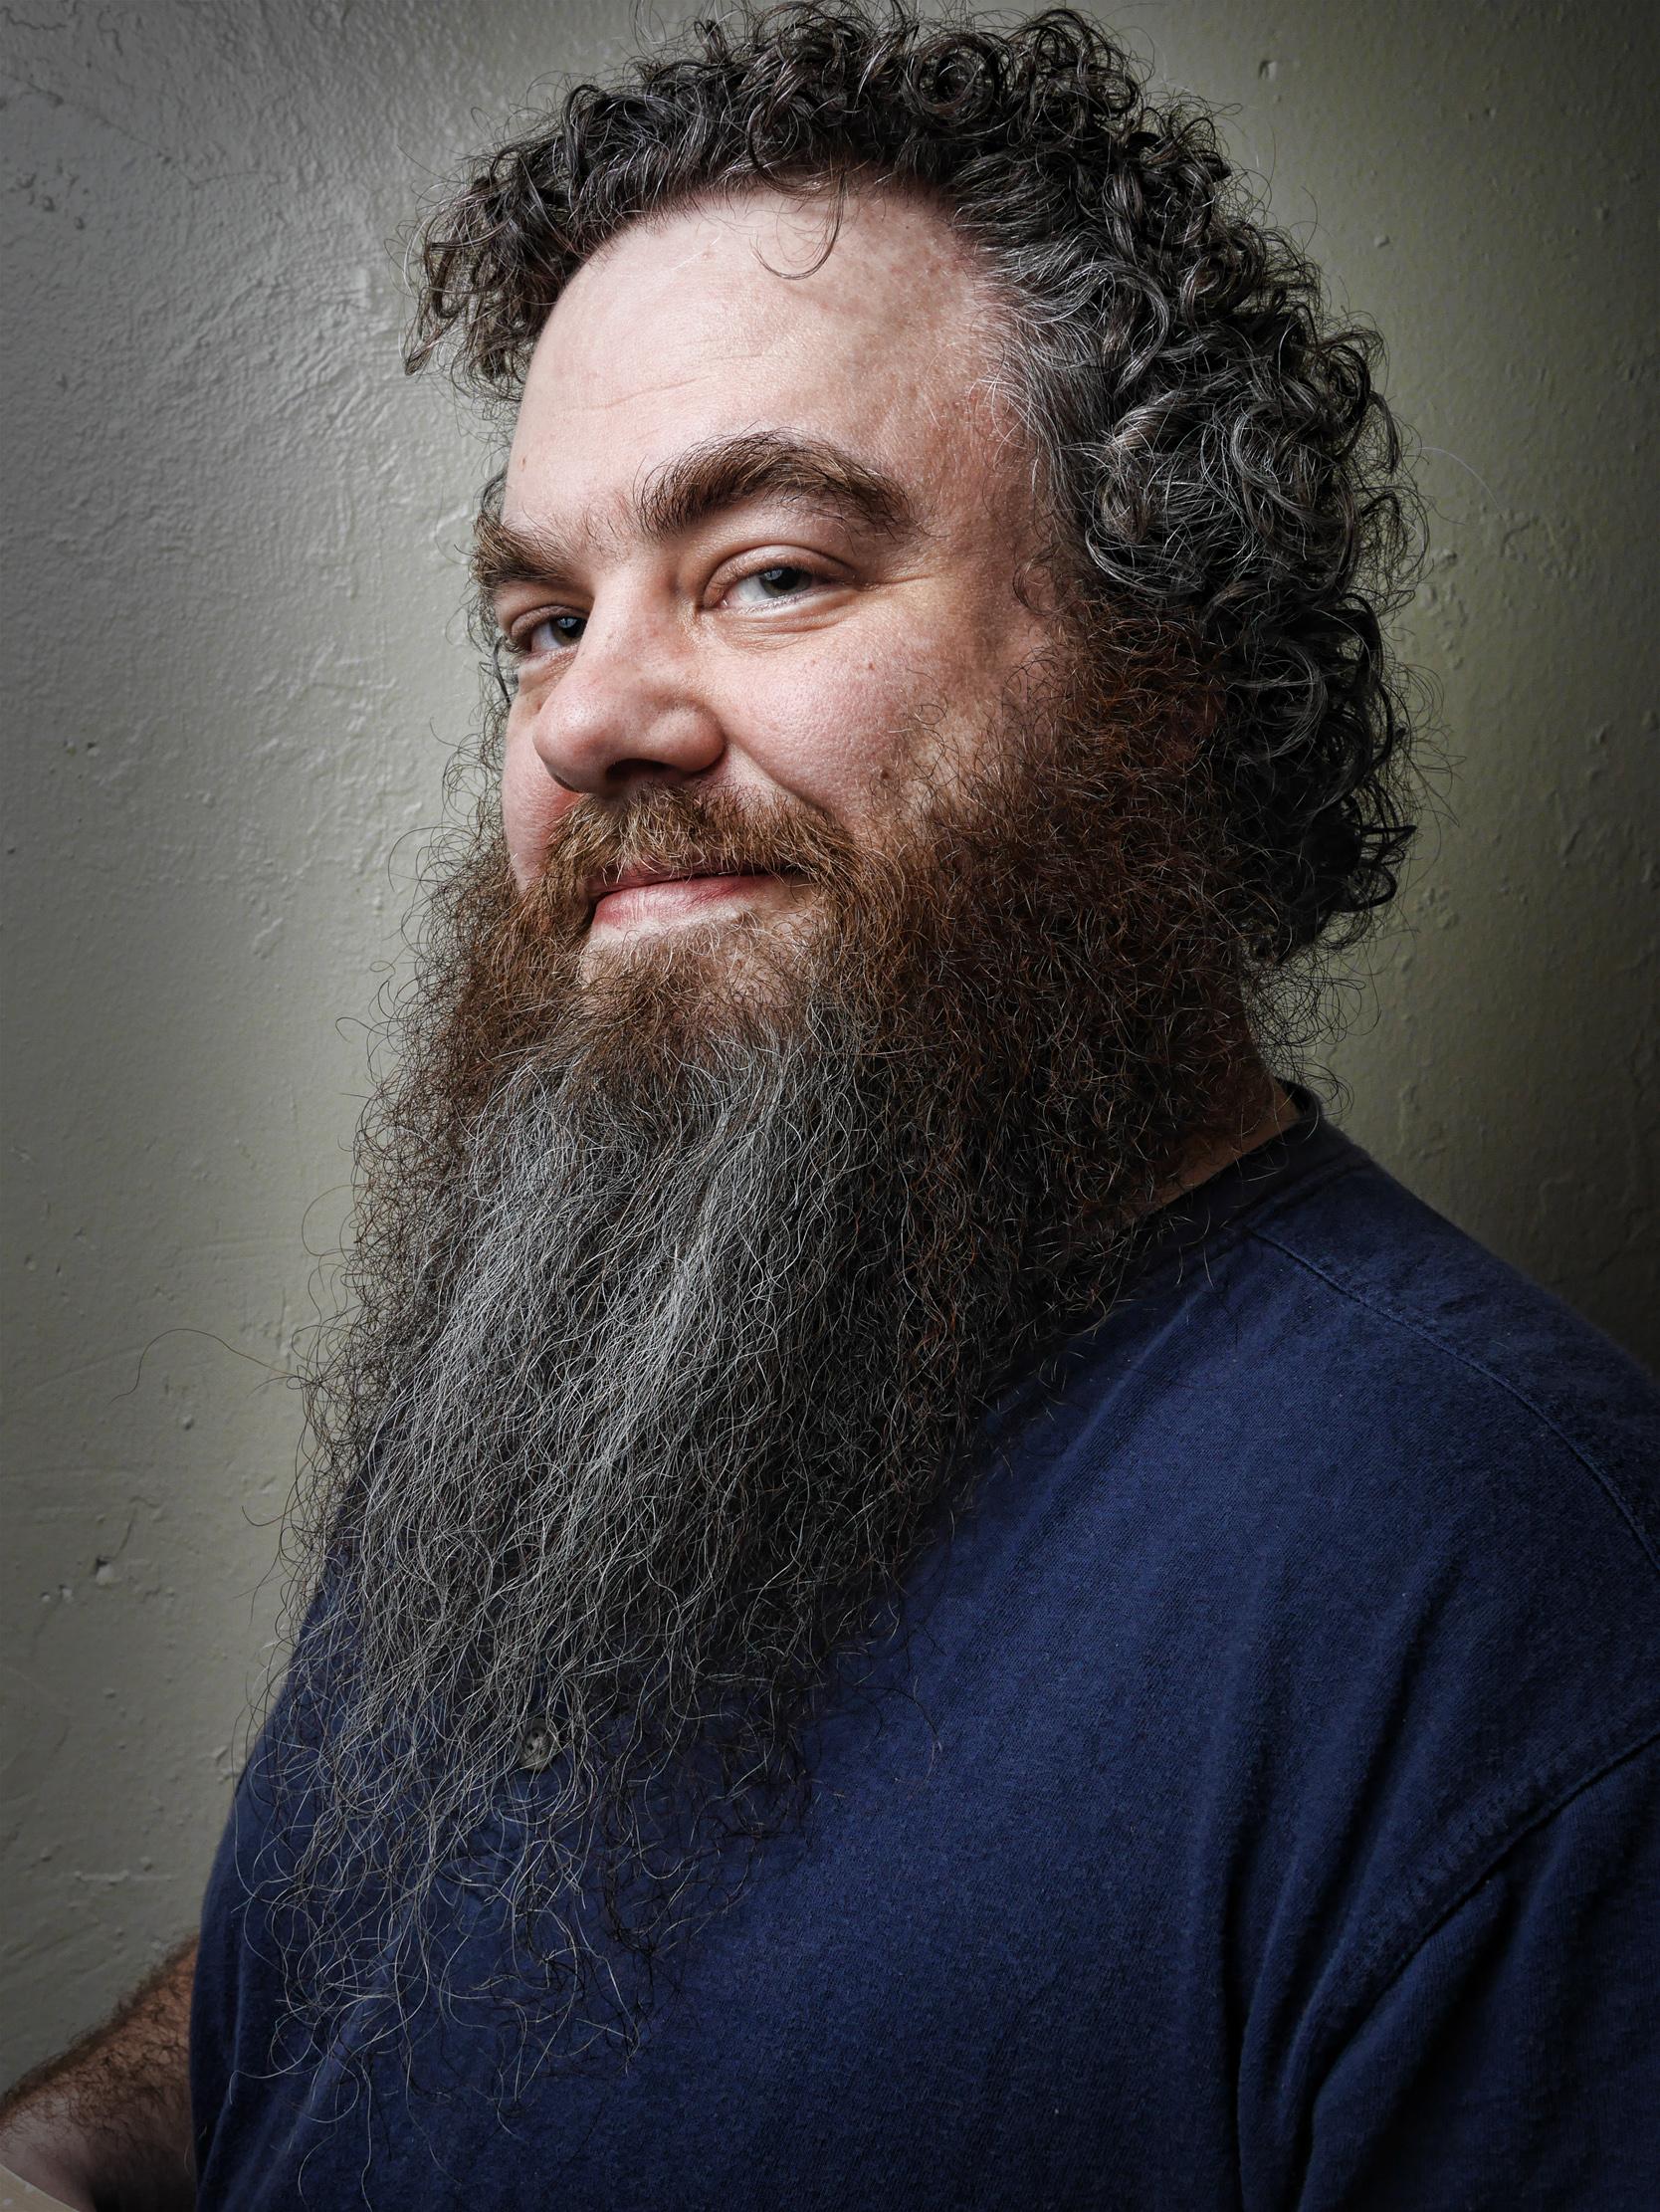 patrick rothfuss, autor, historia de kovthe